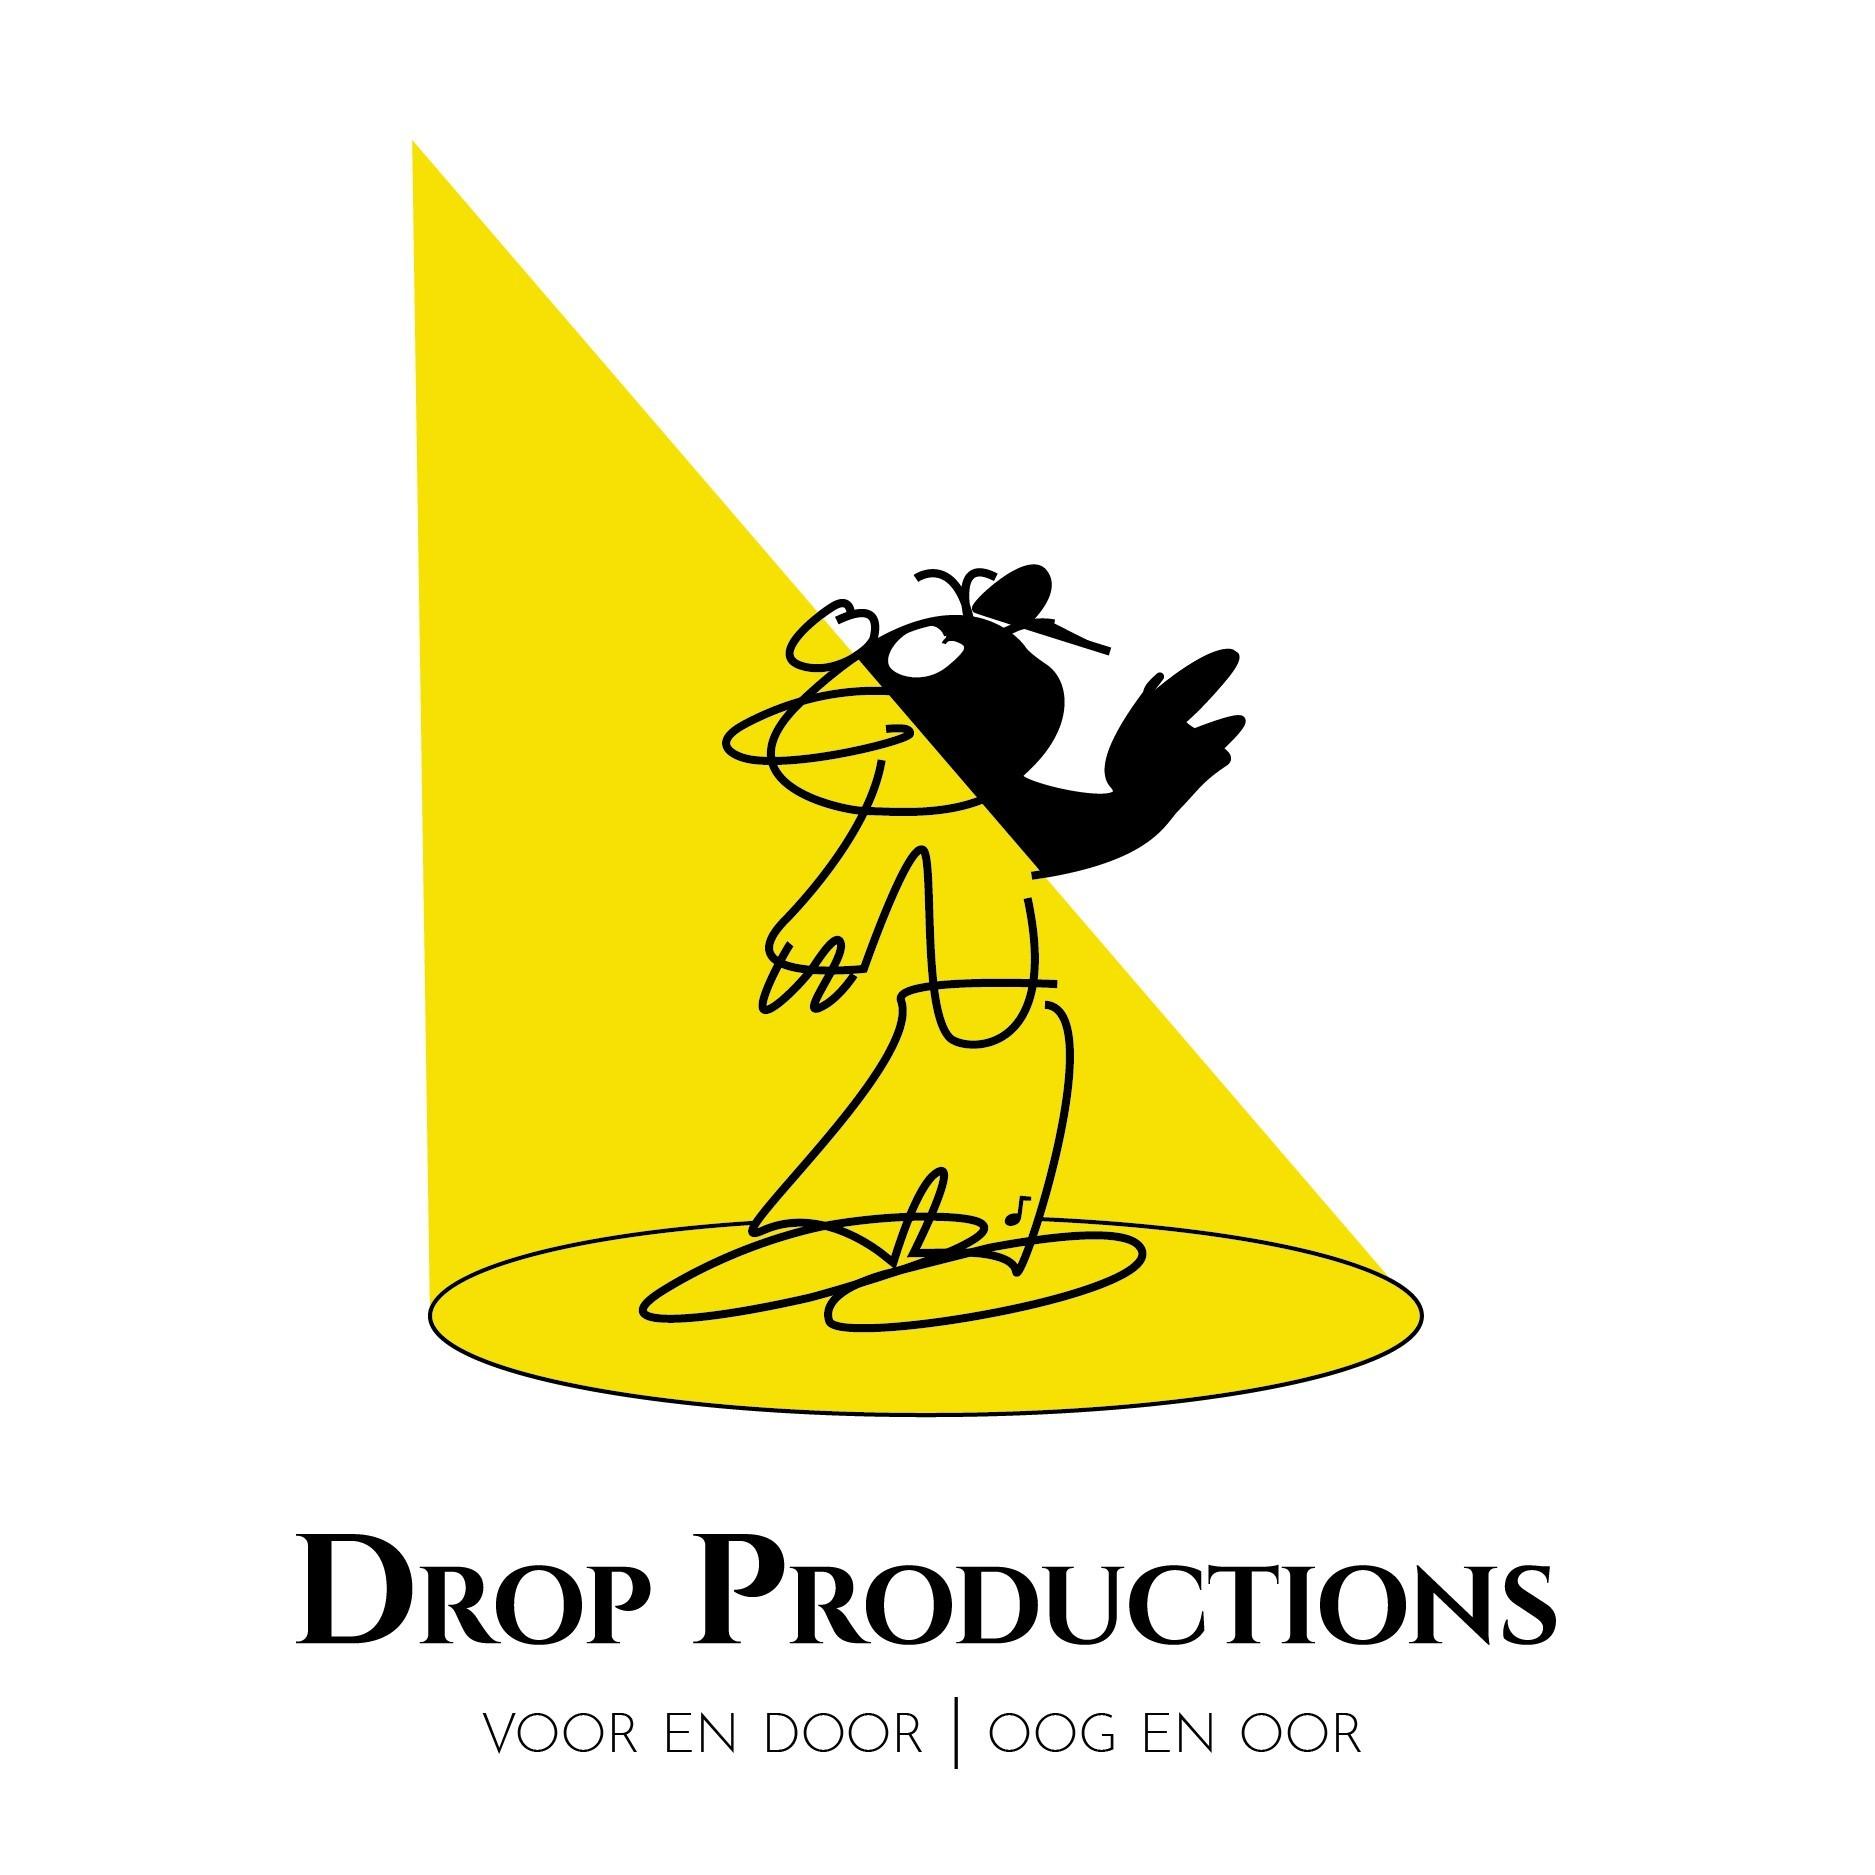 Drop Productions